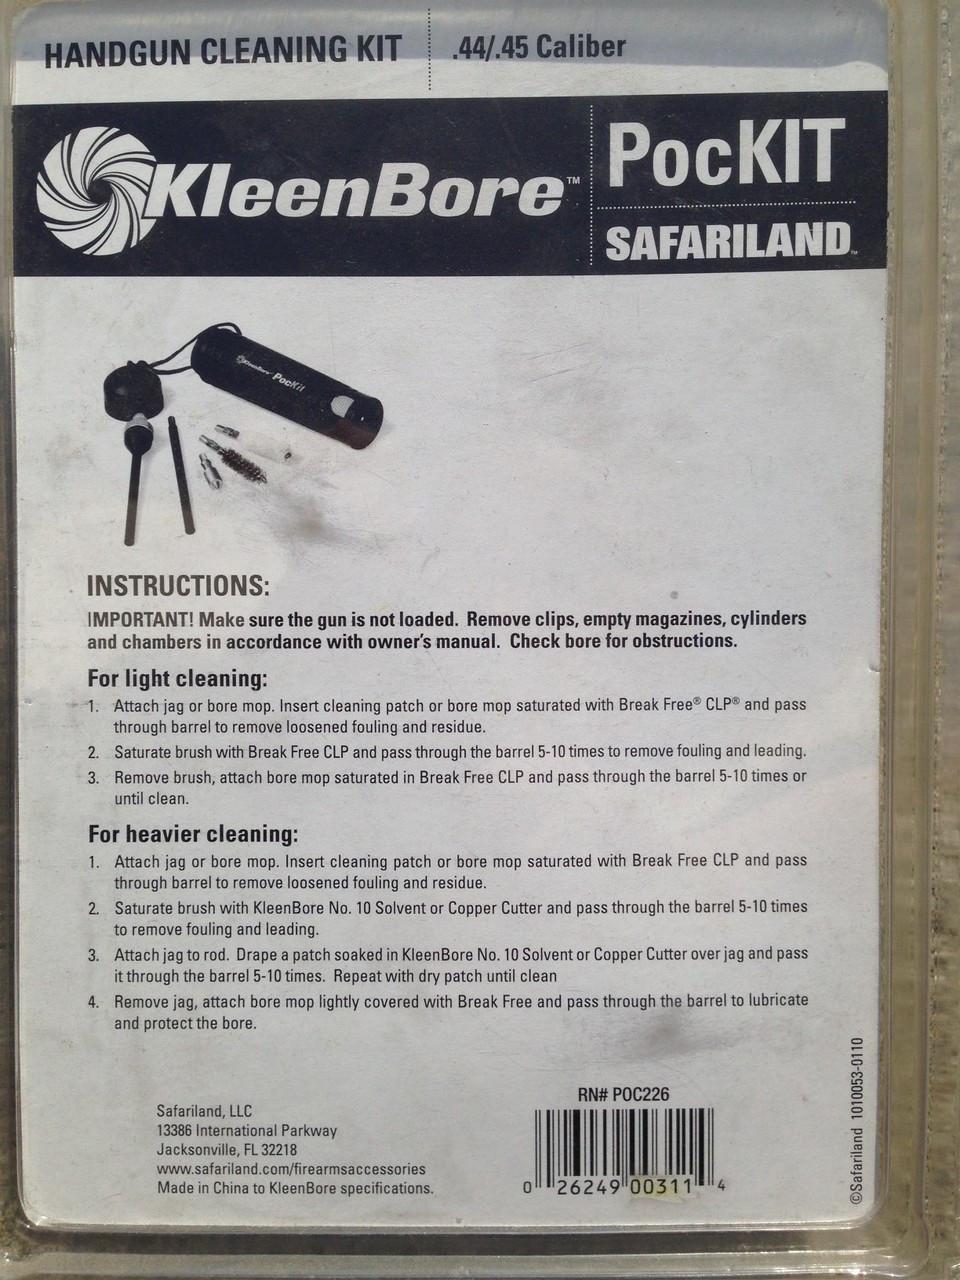 KleenBore PocKIT Handgun Cleaning Kit